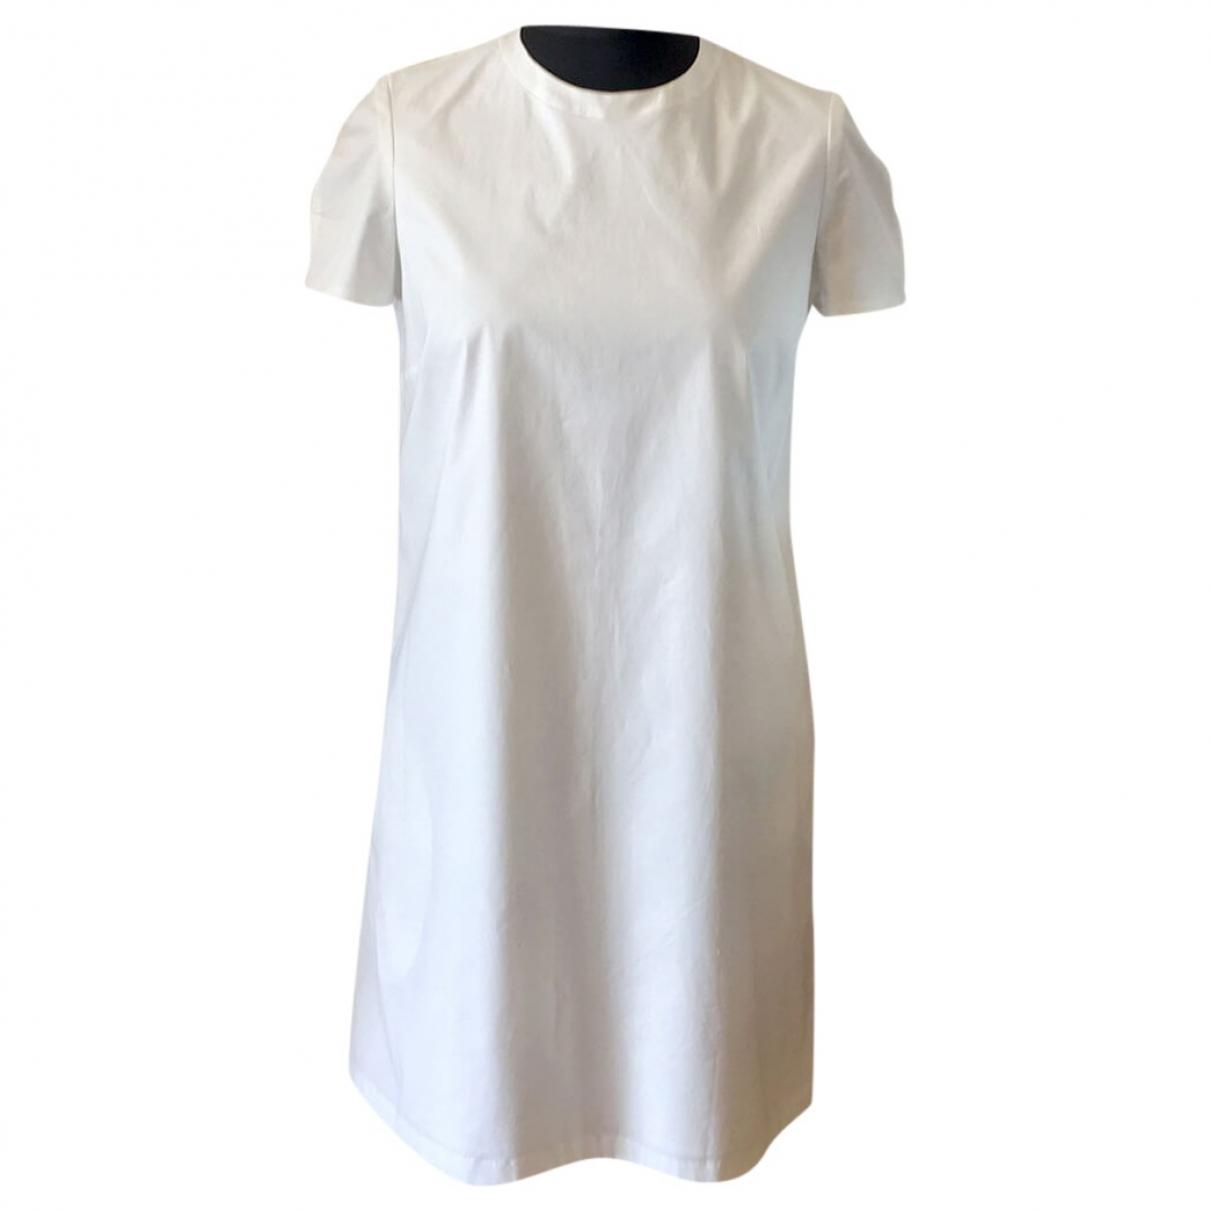 Joseph \N White Cotton - elasthane dress for Women 36 FR